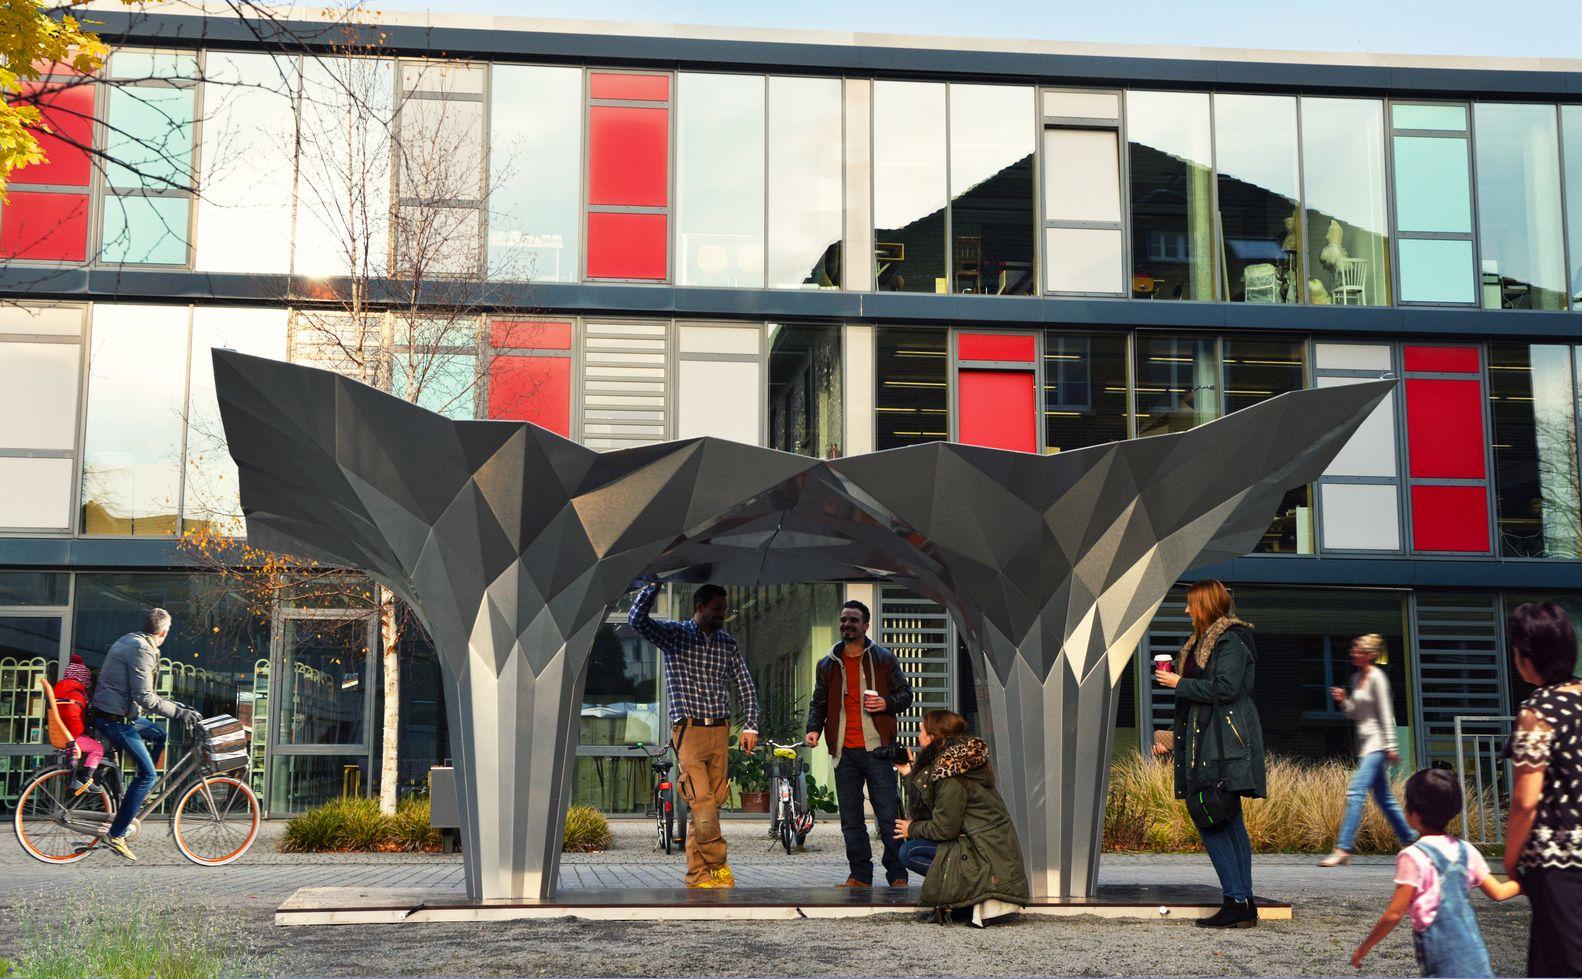 Galeria de Pavilhão Origami oferece um abrigo com oito painéis de alumínio dobrados - 10